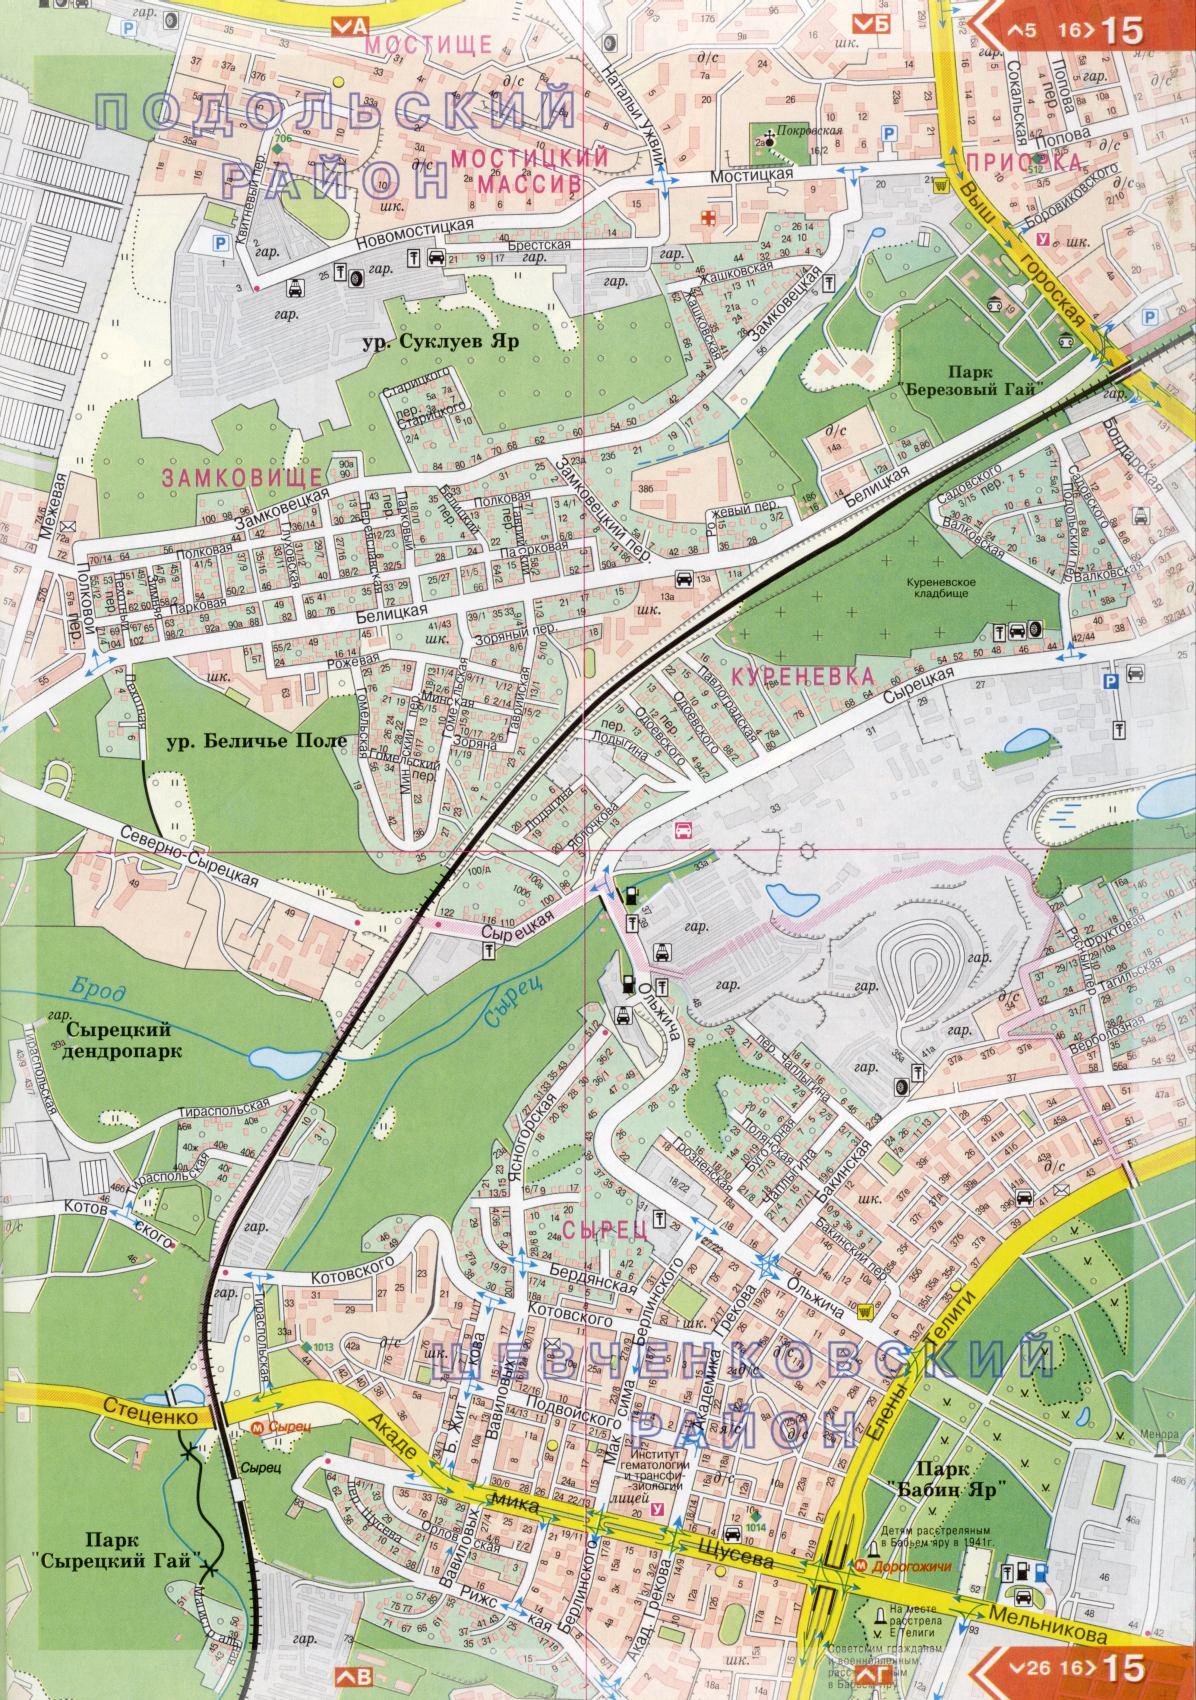 Карта киева подробная карта улиц